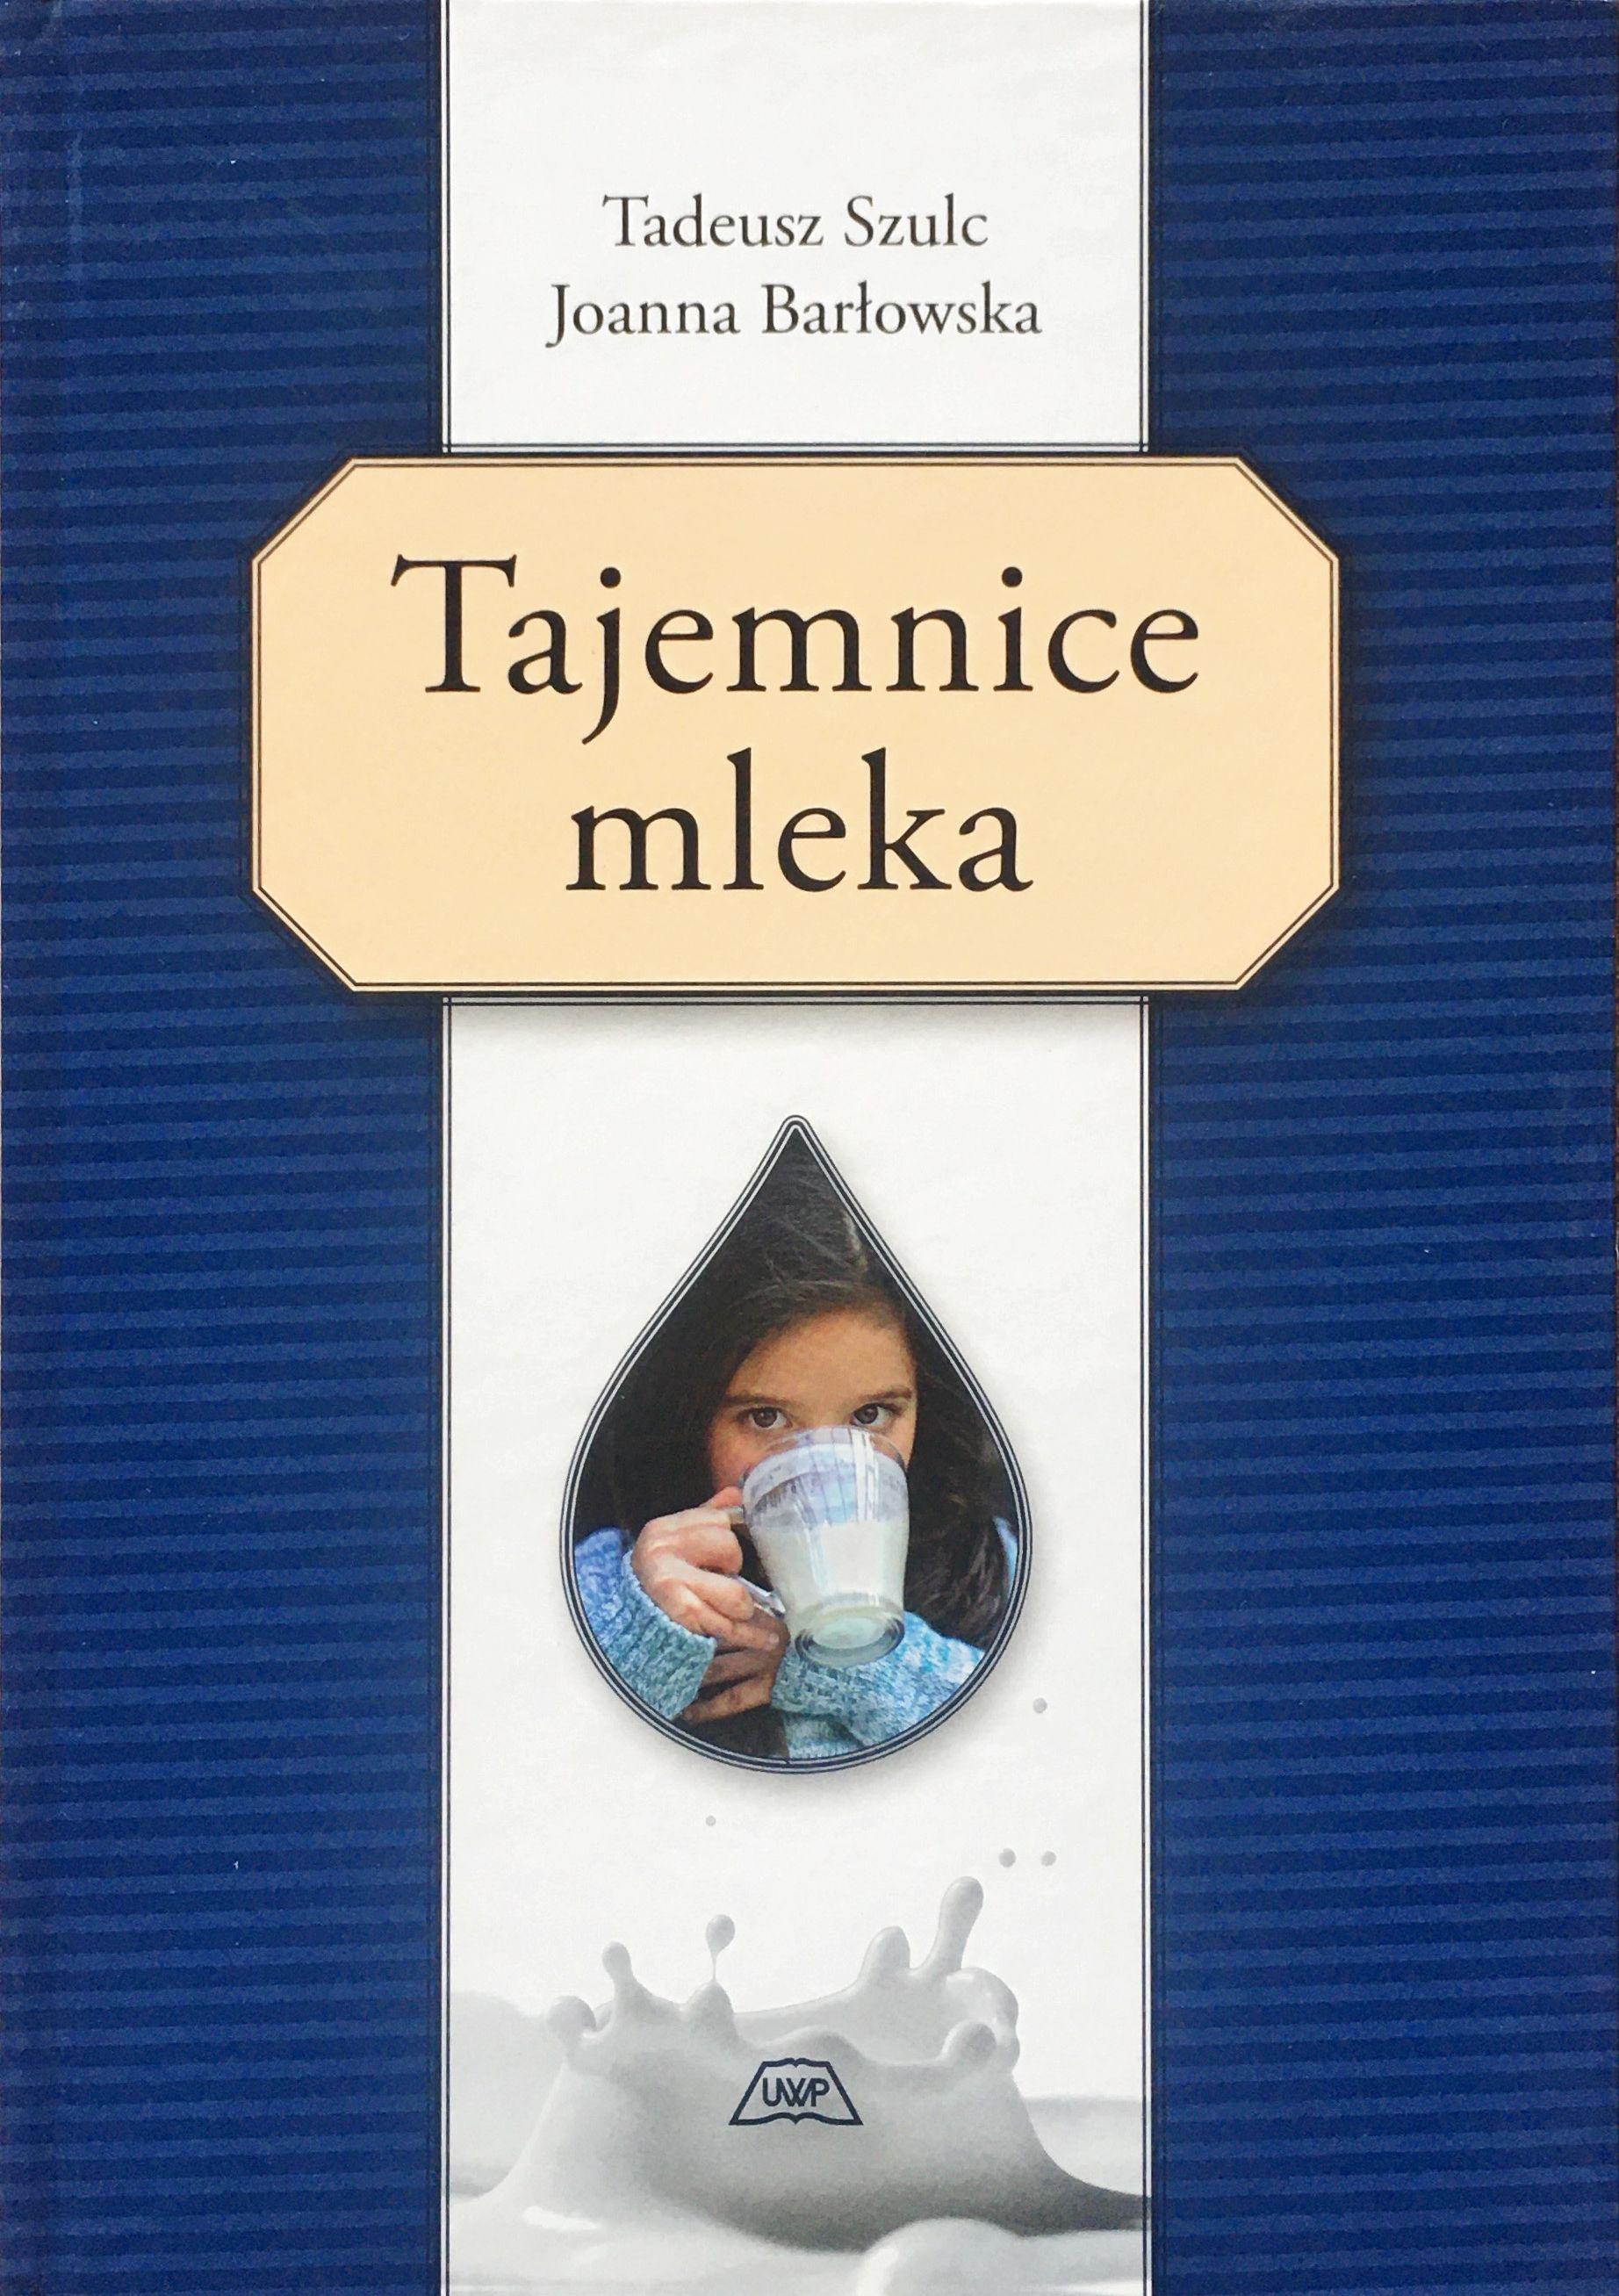 Tajemnice mleka wyd. 2020